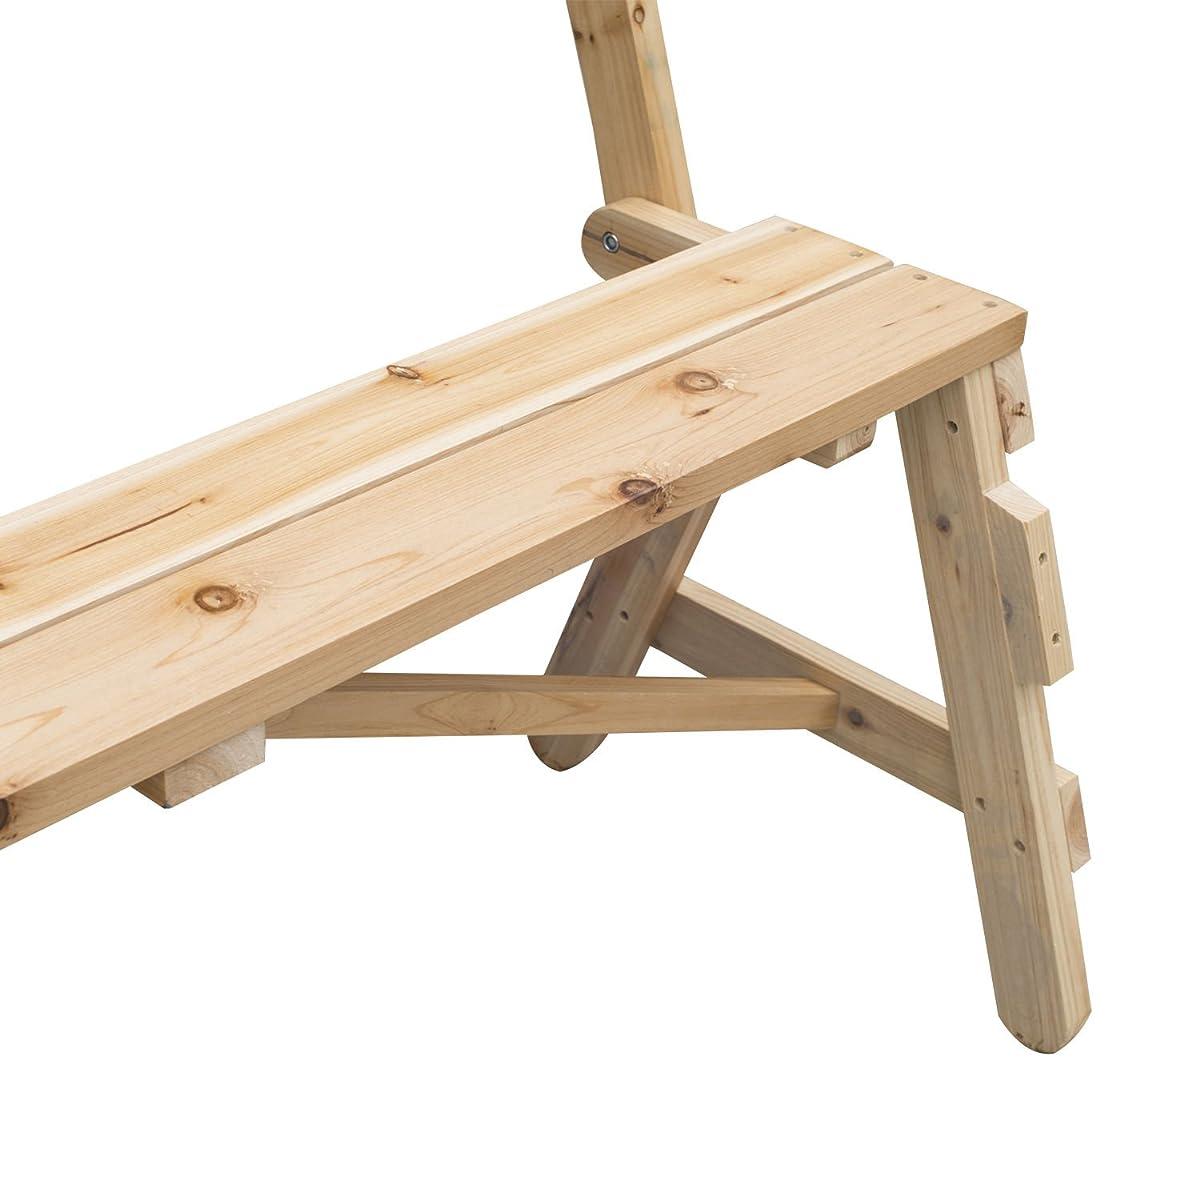 Outsunny 2 in 1 Convertible Picnic Table & Garden Bench